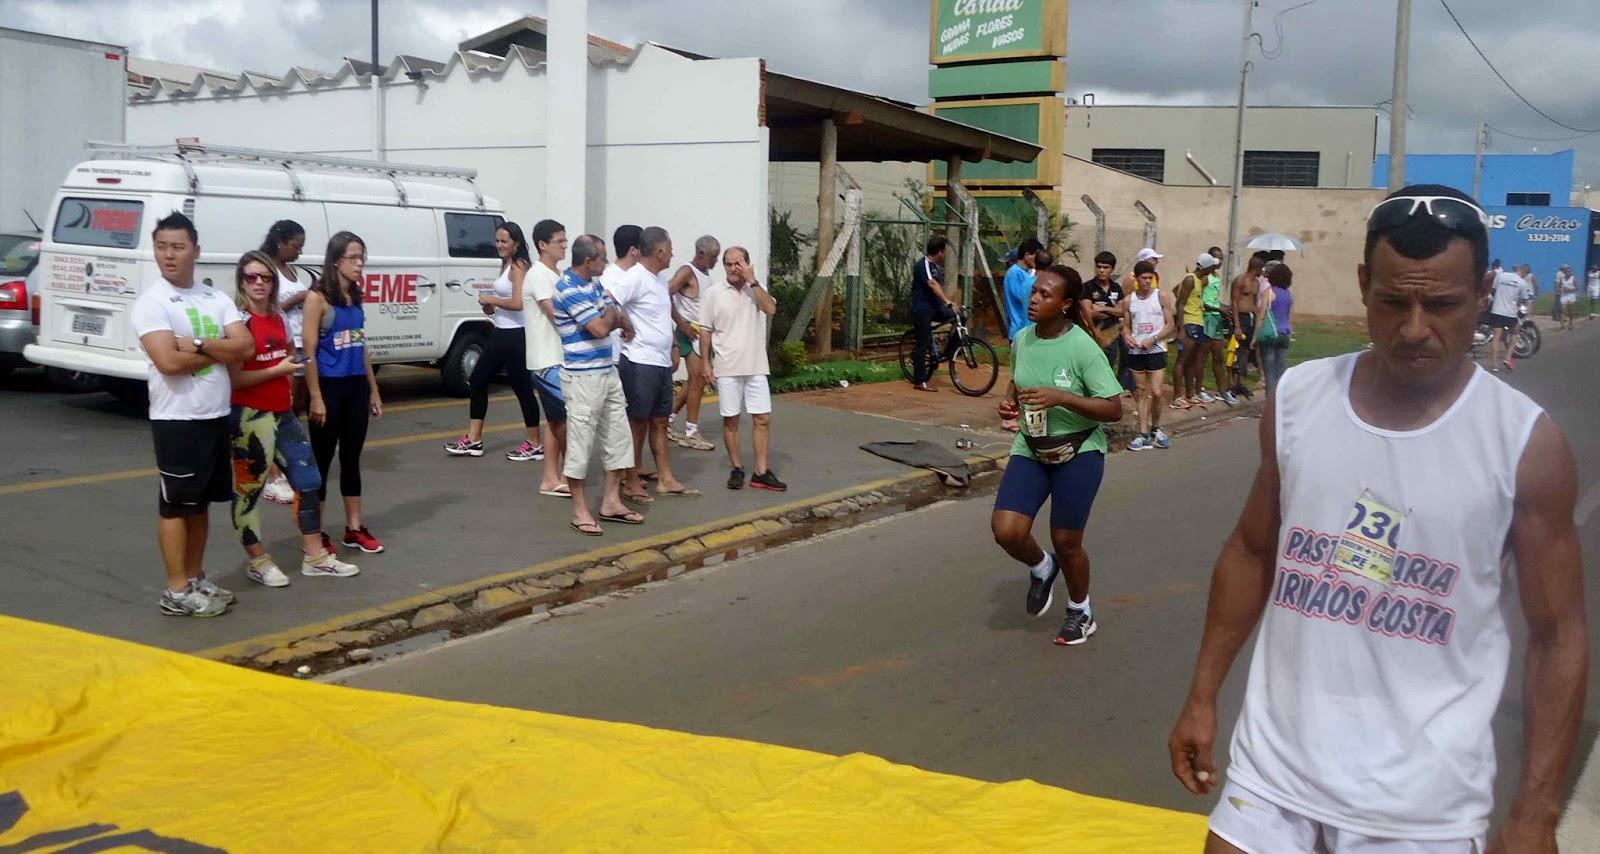 Foto 168 da 1ª Corrida Av. dos Coqueiros em Barretos-SP 14/04/2013 – Atletas cruzando a linha de chegada